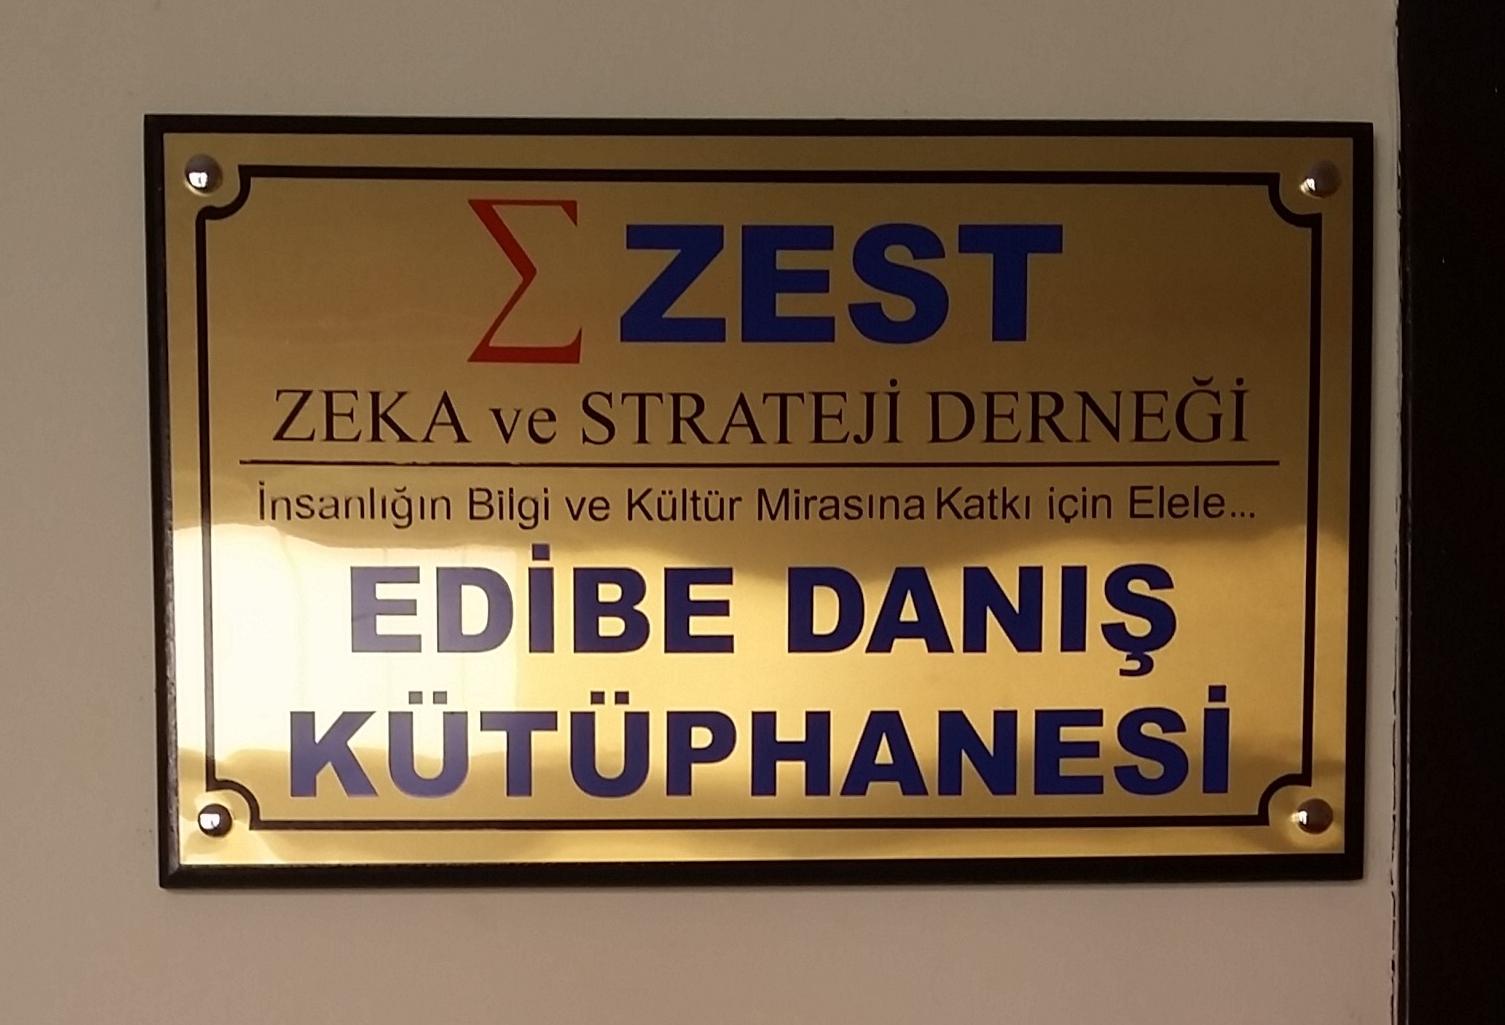 ZEST Edibe Danış Kütüphanesi